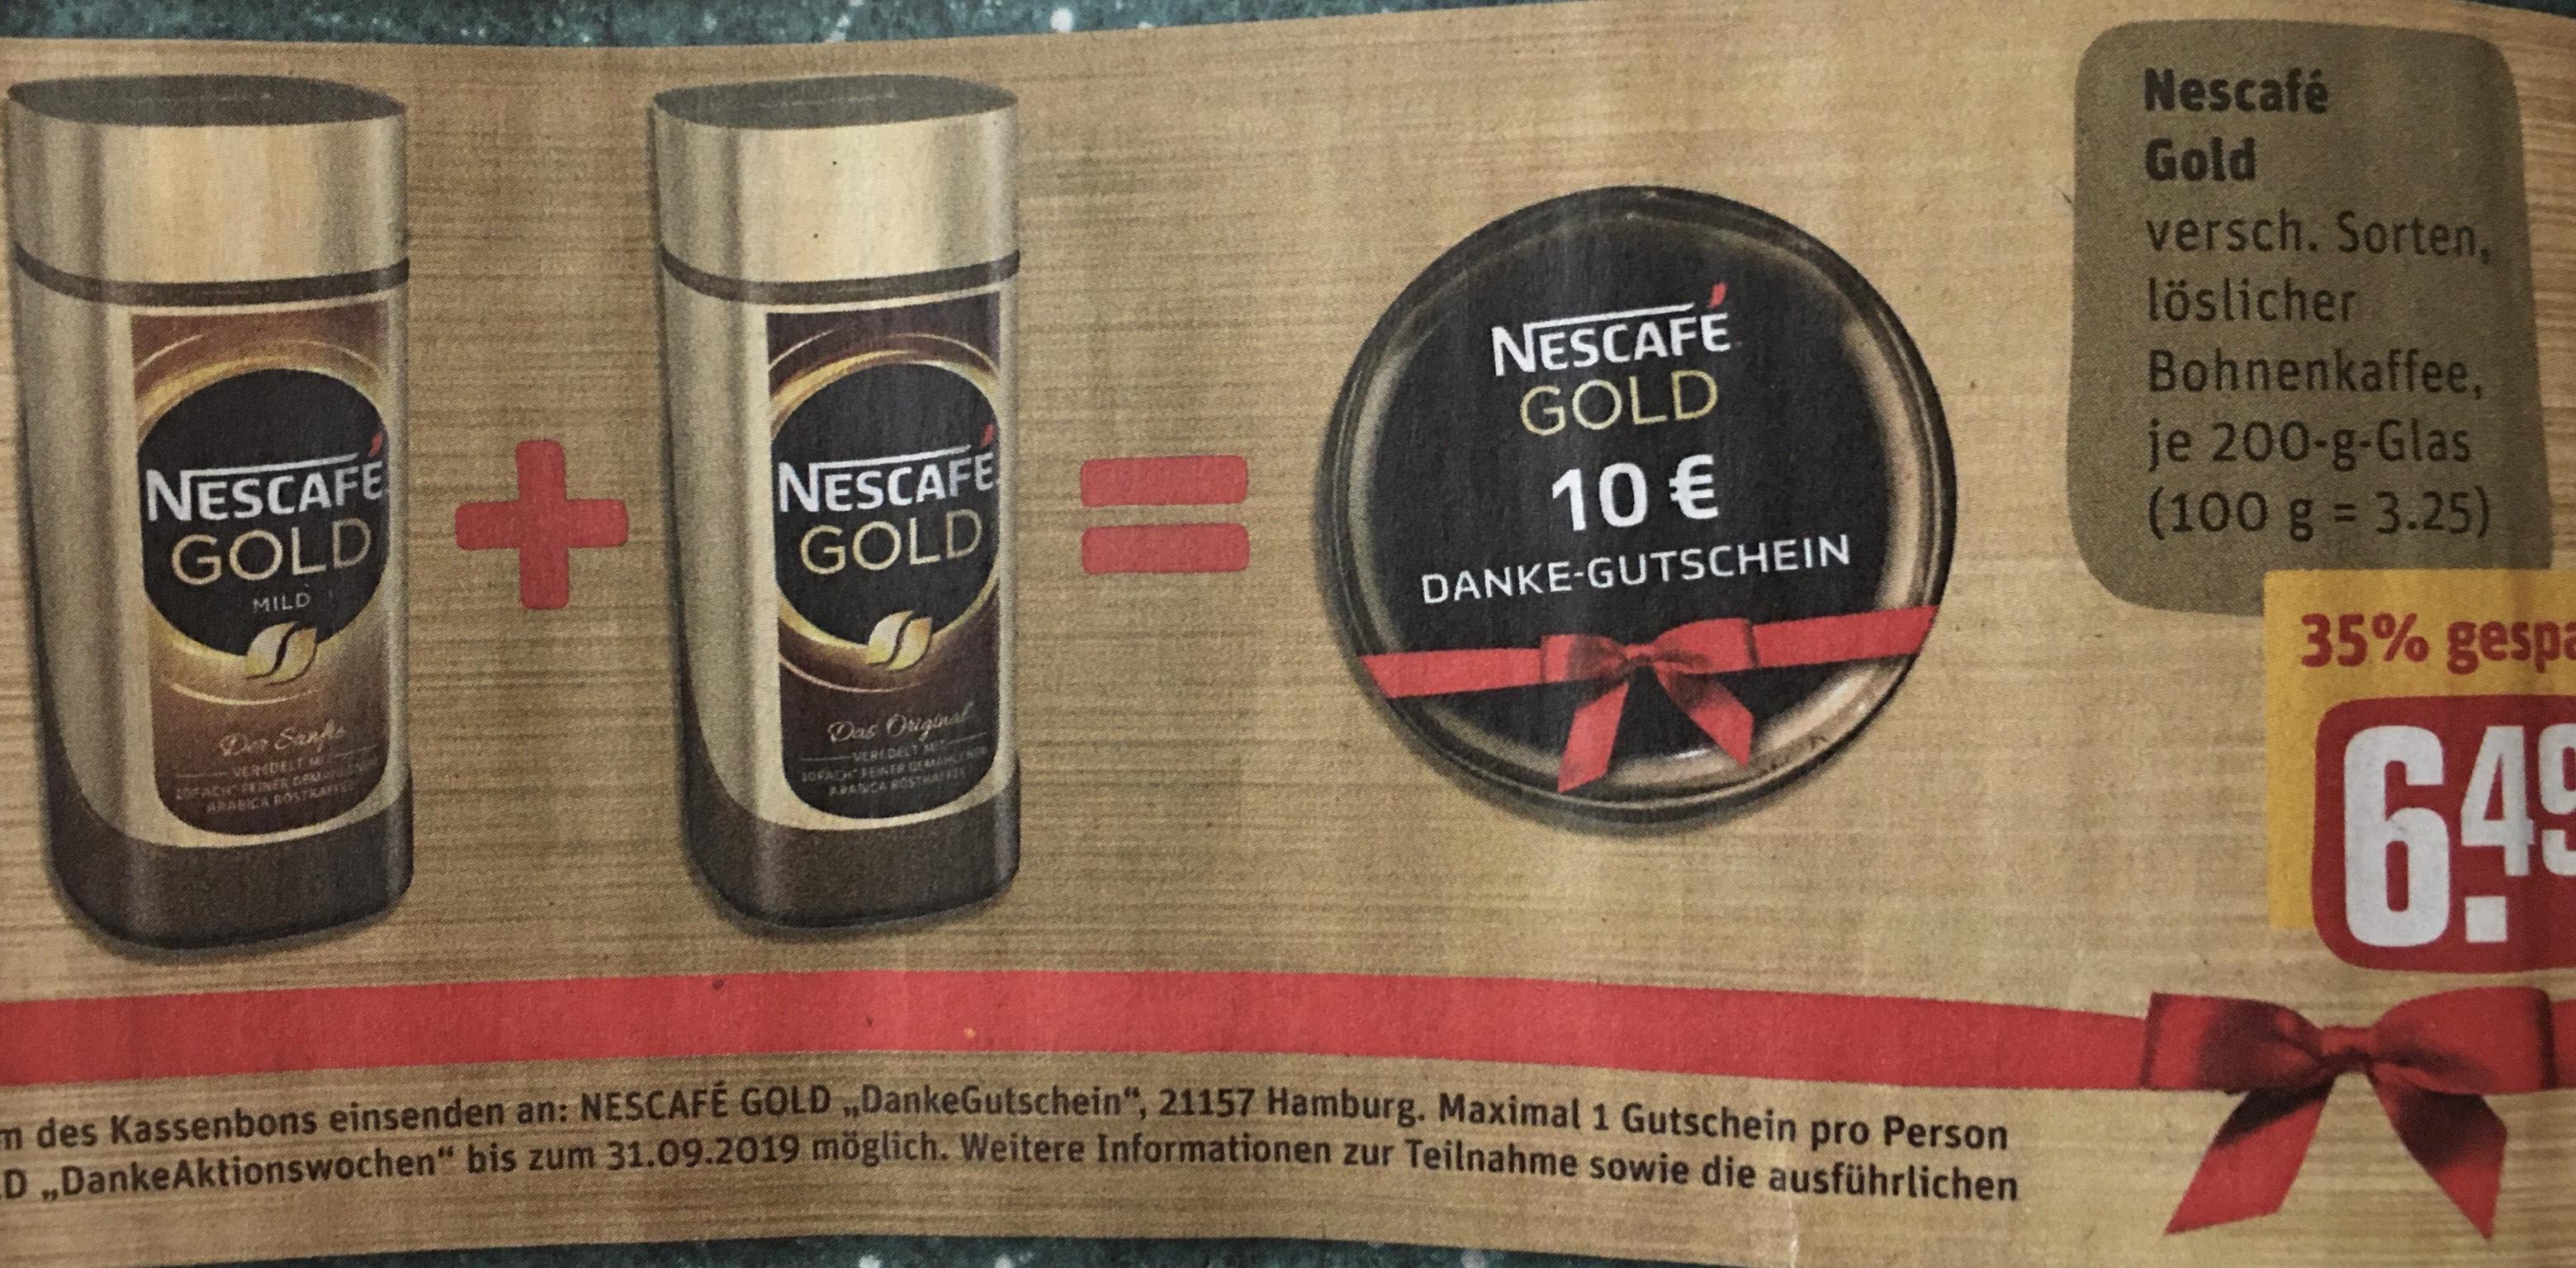 2 Gläser Nescafé Gold von REWE + 10€ REWE-Gutschein